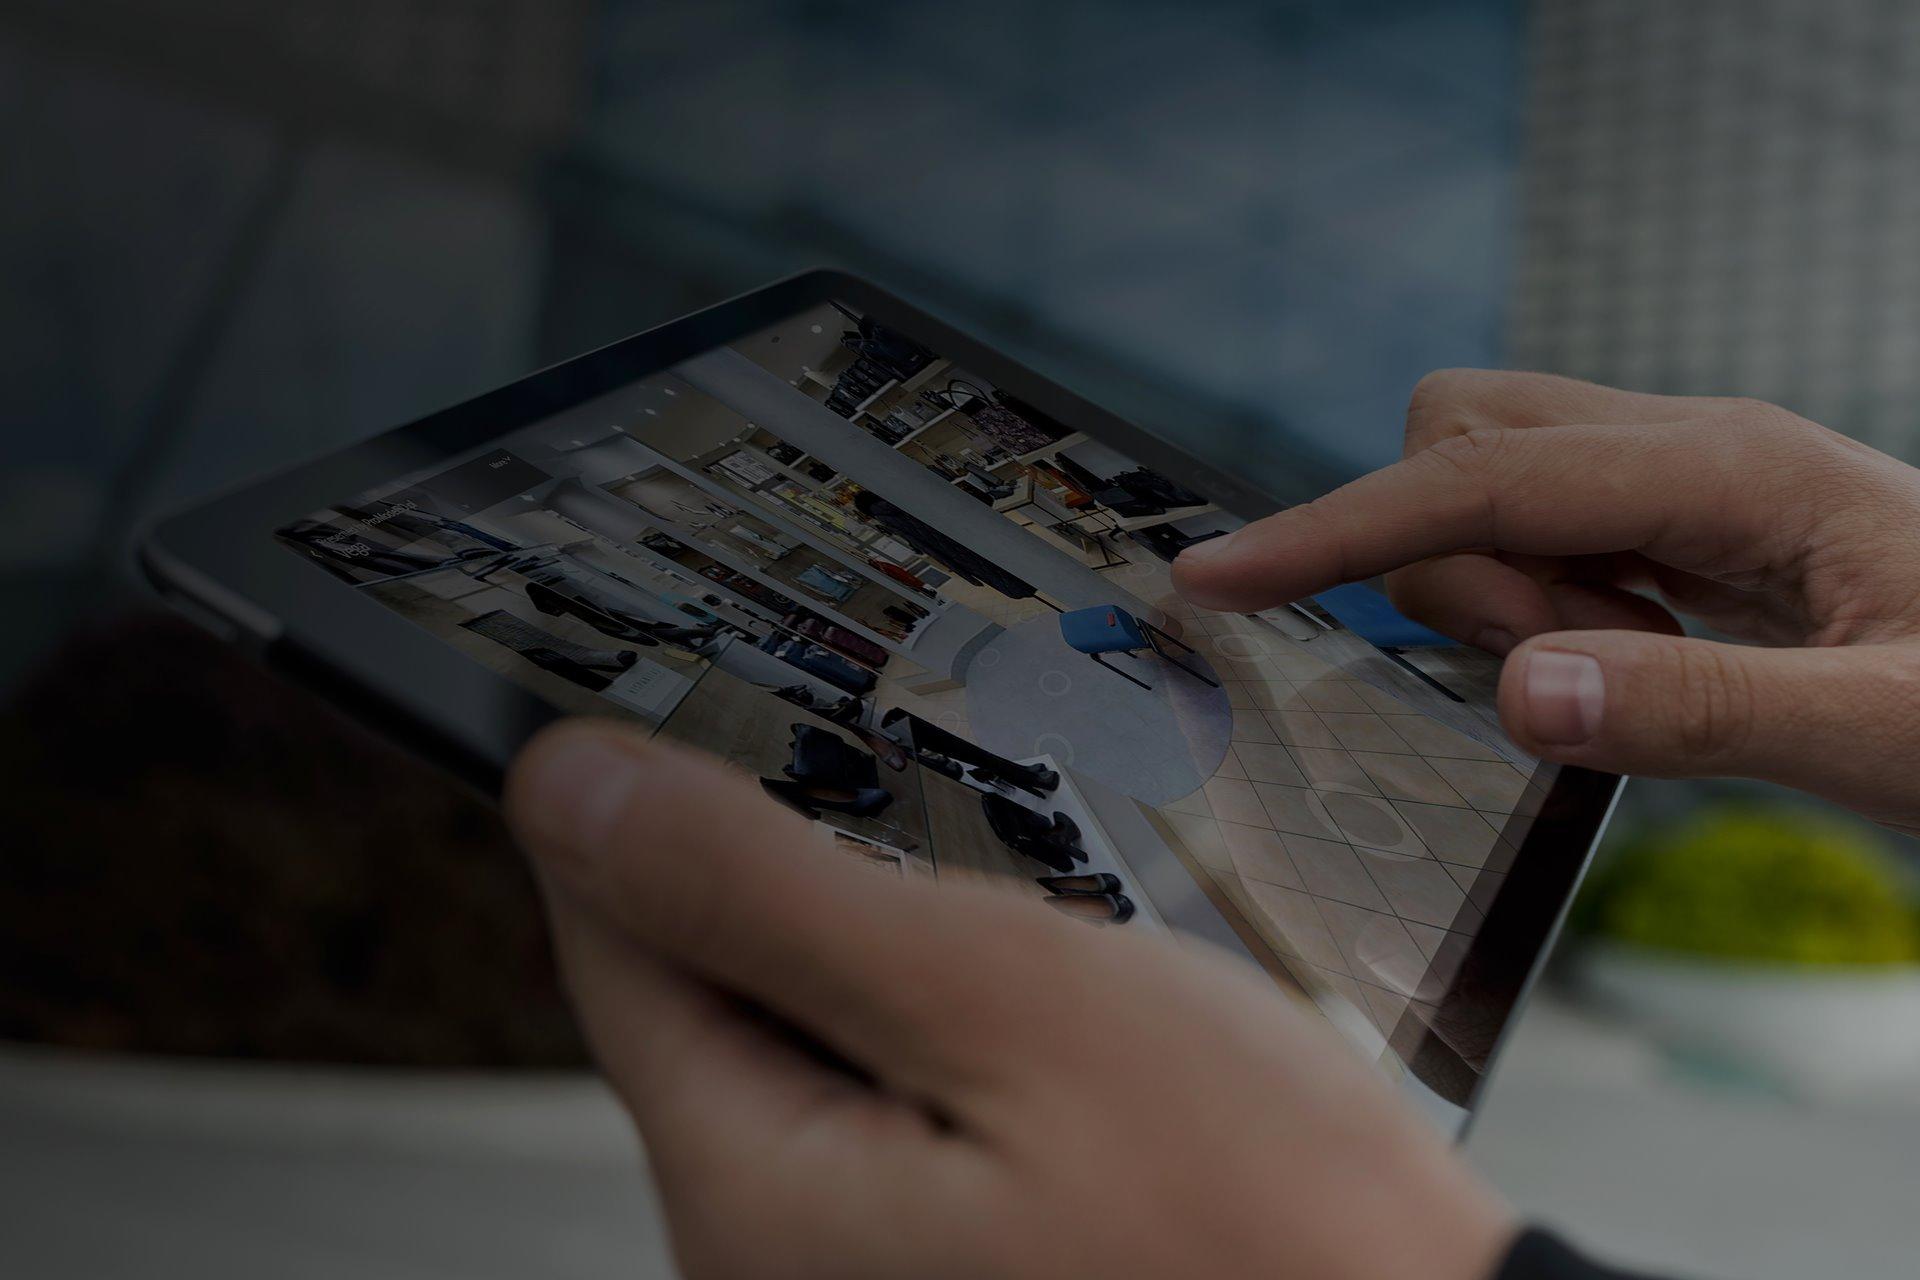 podgląd na urządzeniu mobilnym